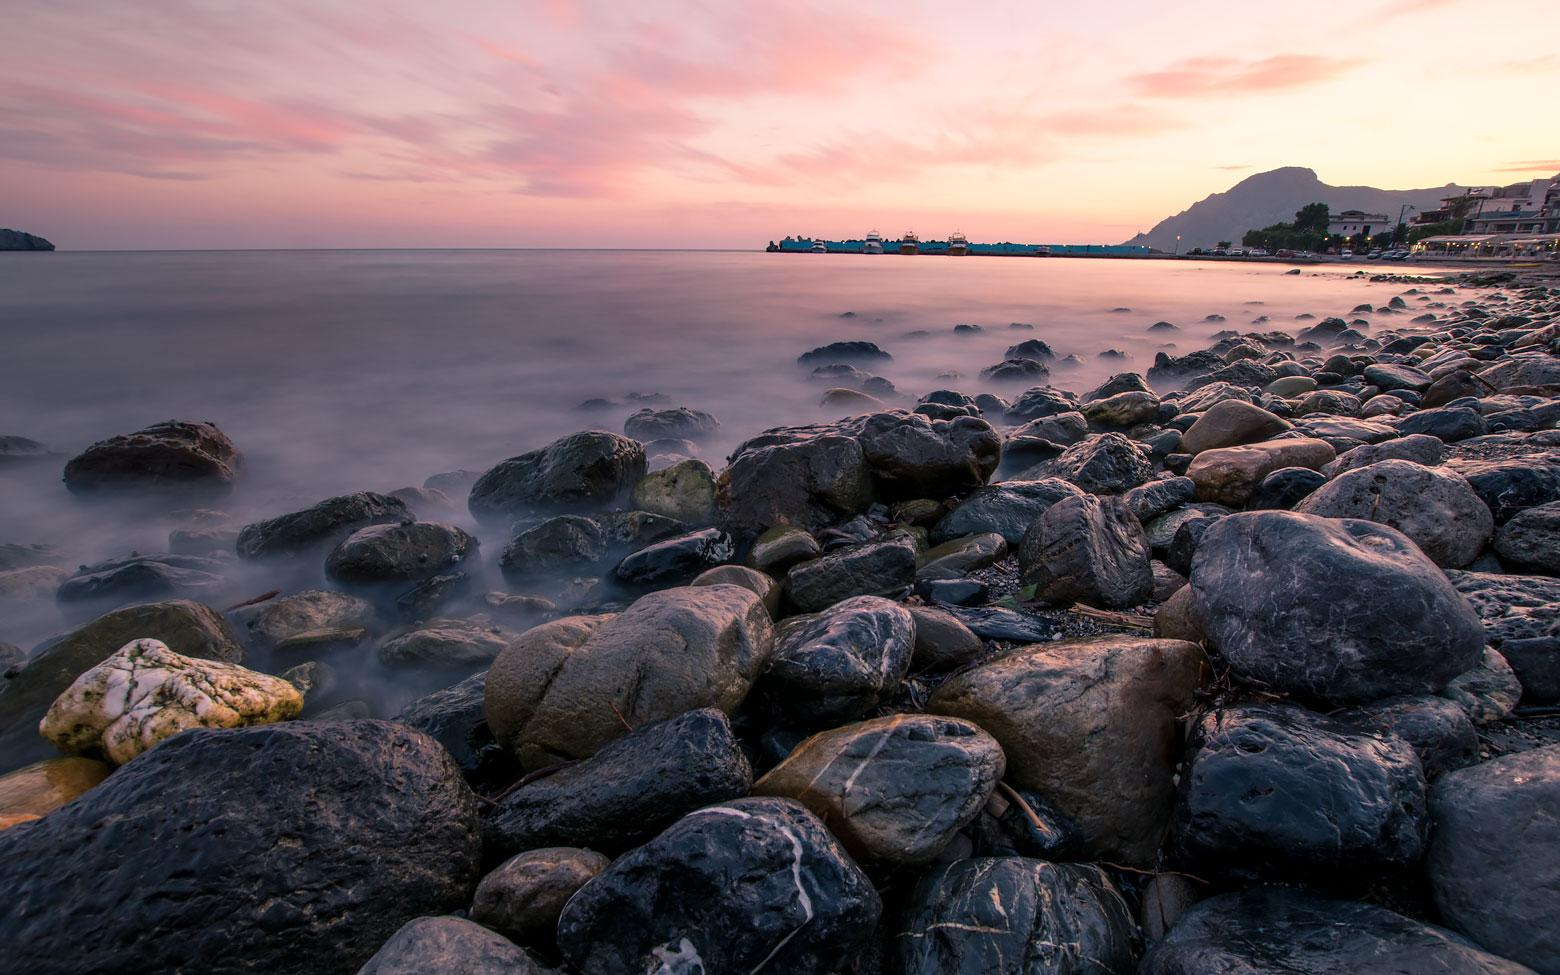 photo crete - beautiful pink rocky beach